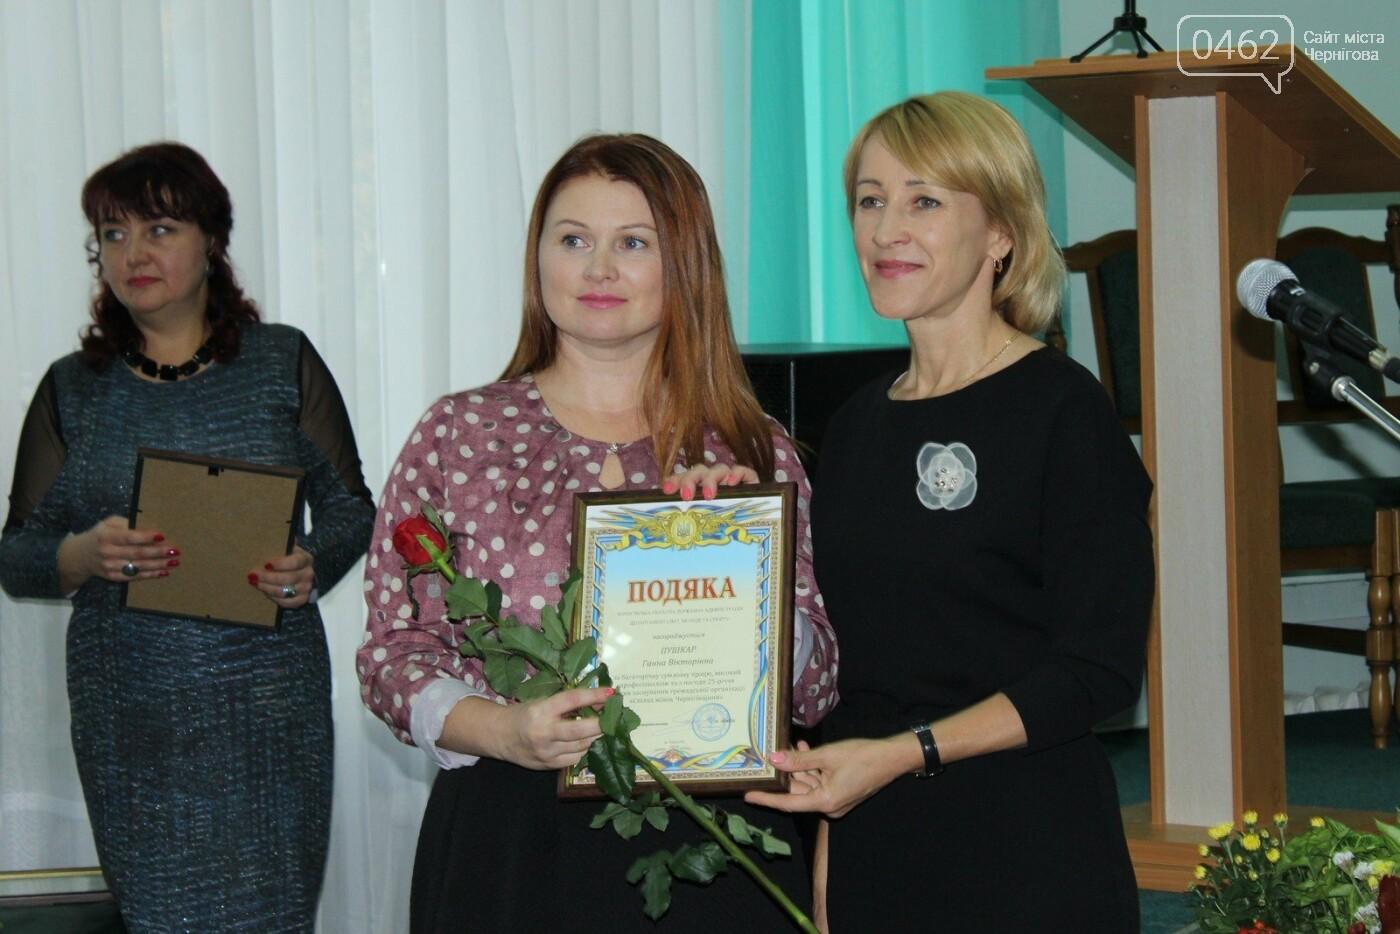 У Чернігові святкували 25-річчя «Спілки жінок Чернігівщини»., фото-3